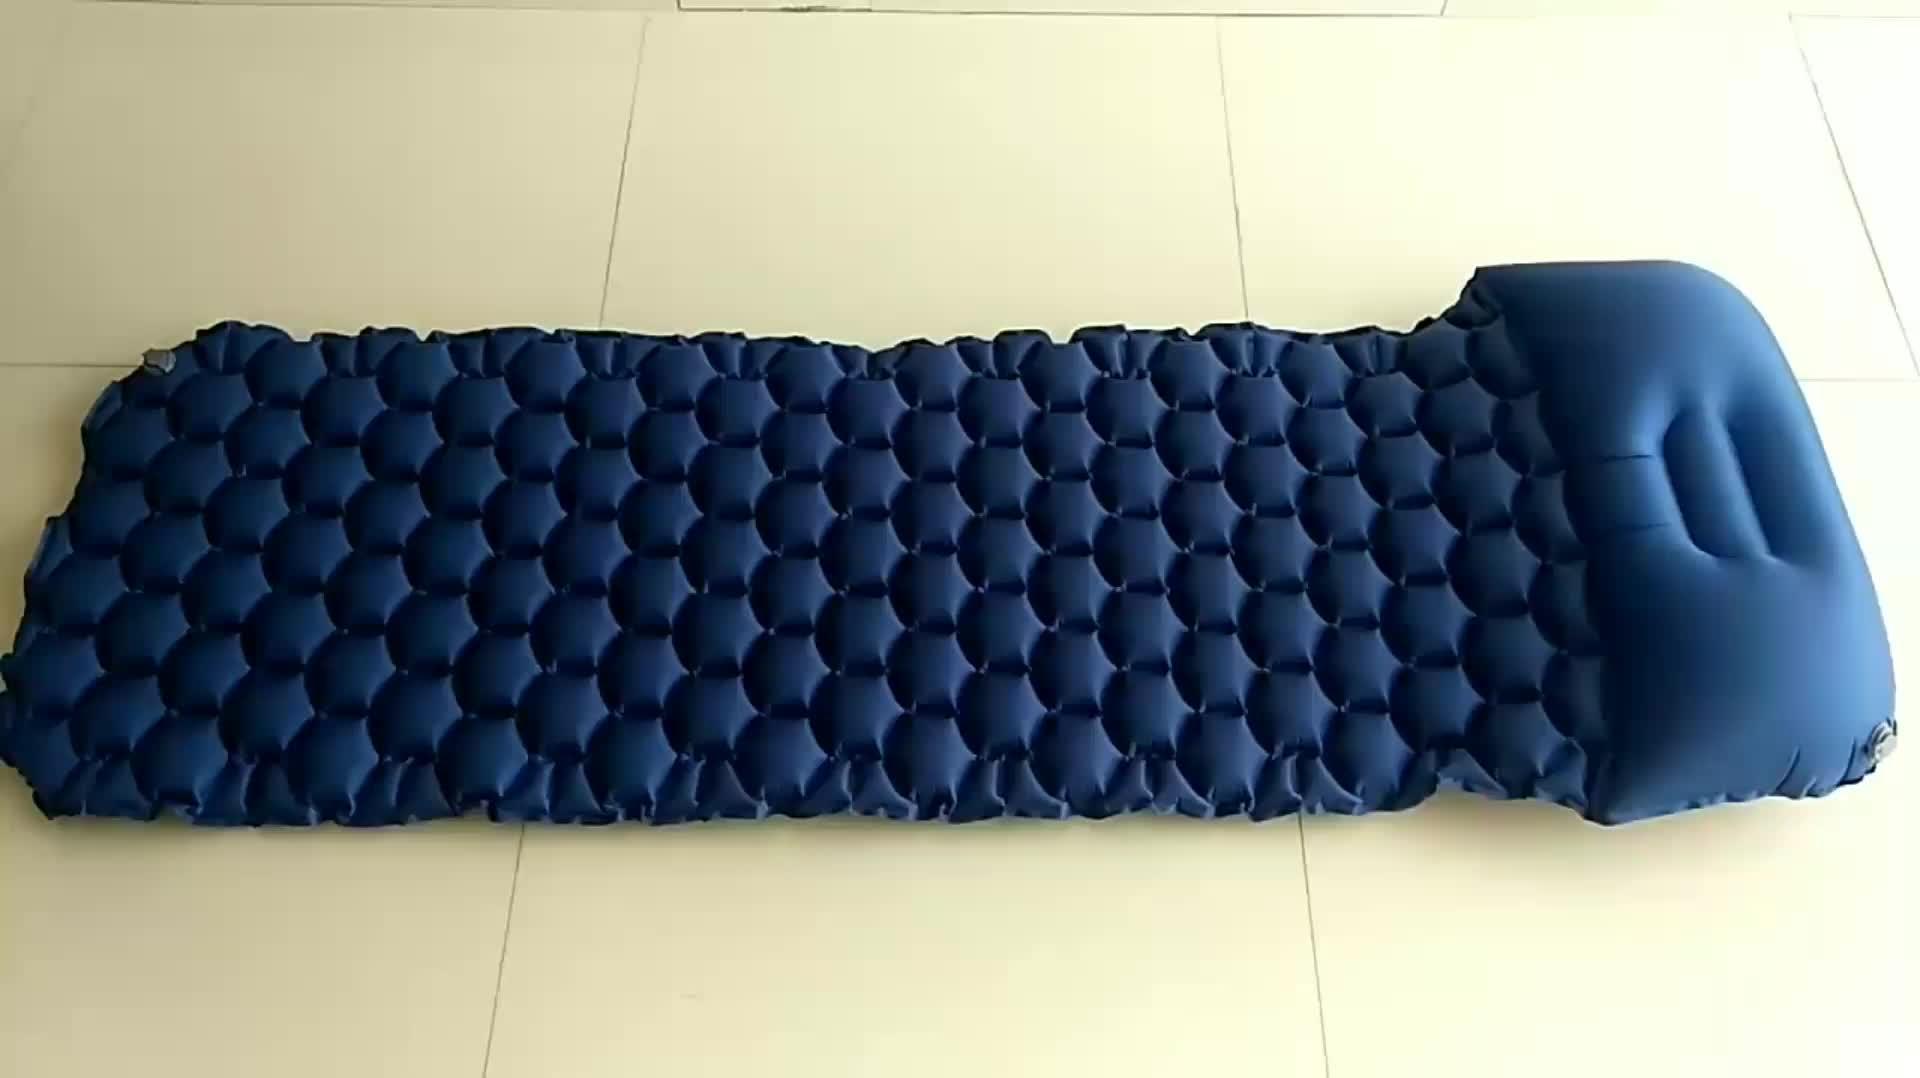 캠핑 자 Mat-경량 air 자 pad, 초경량 & Compact & 부 풀릴 수 Air 매트리스 와 베개